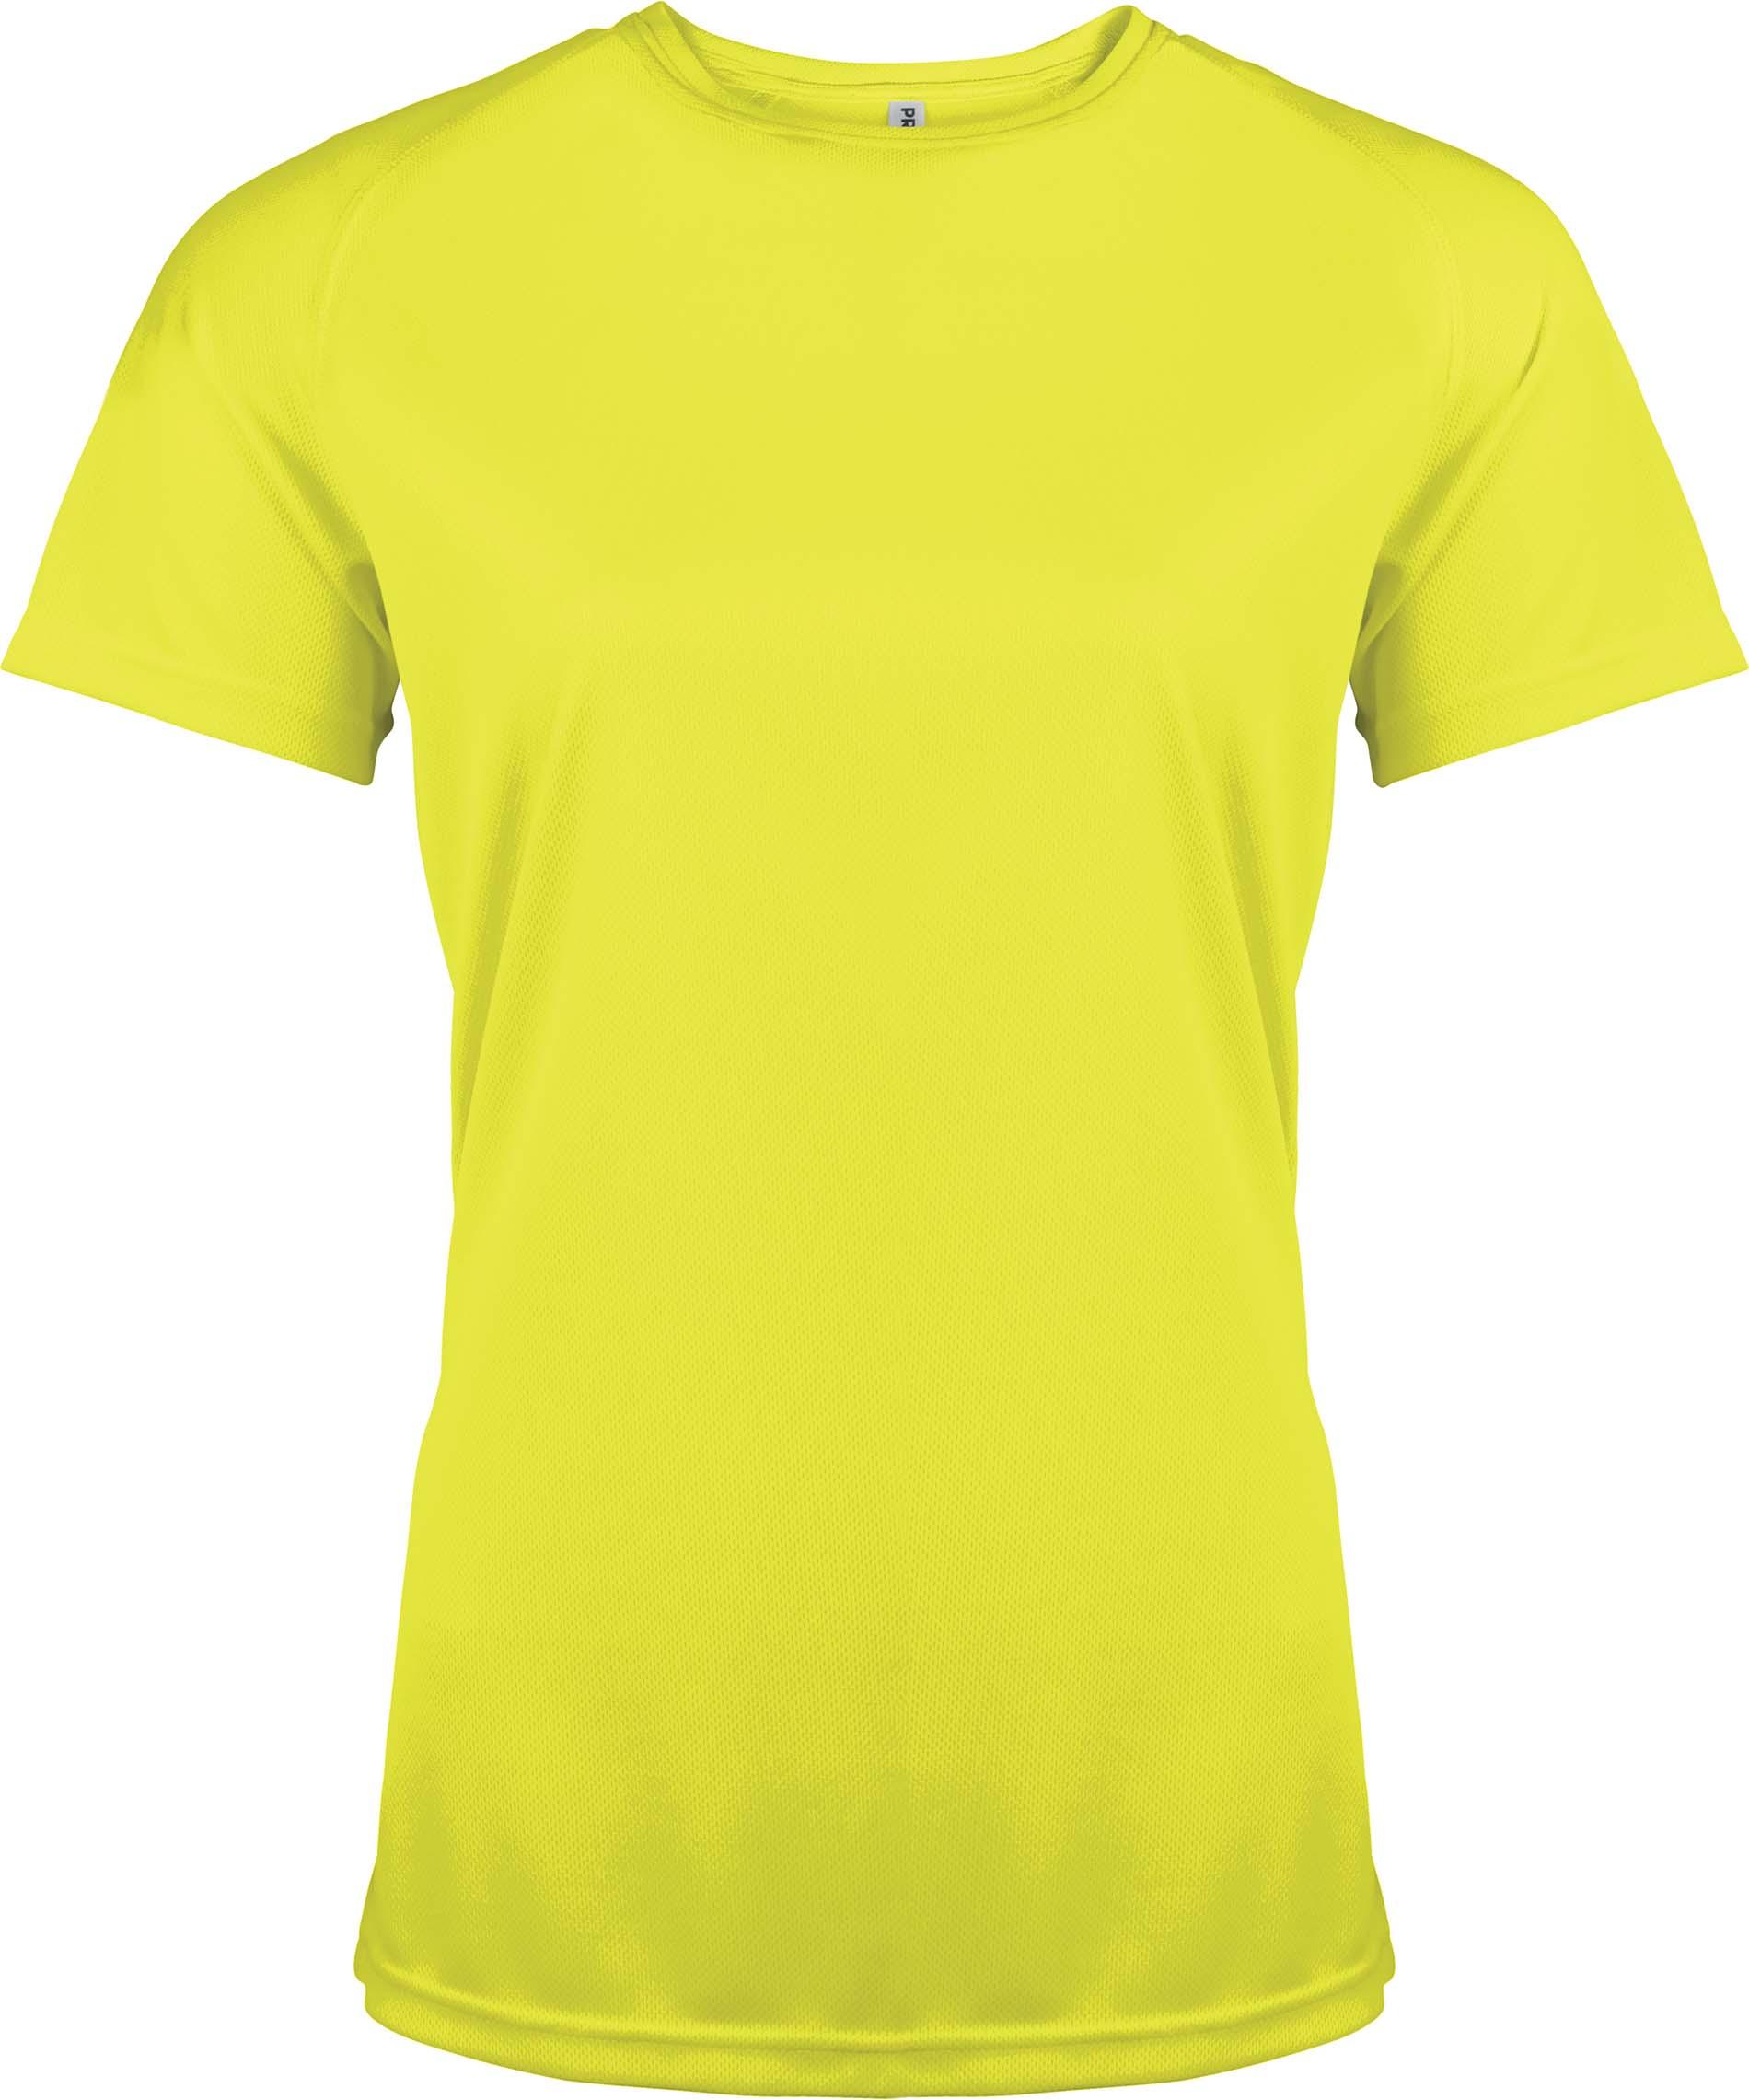 Naisten tekninen T-paita PA439 Neon Keltainen